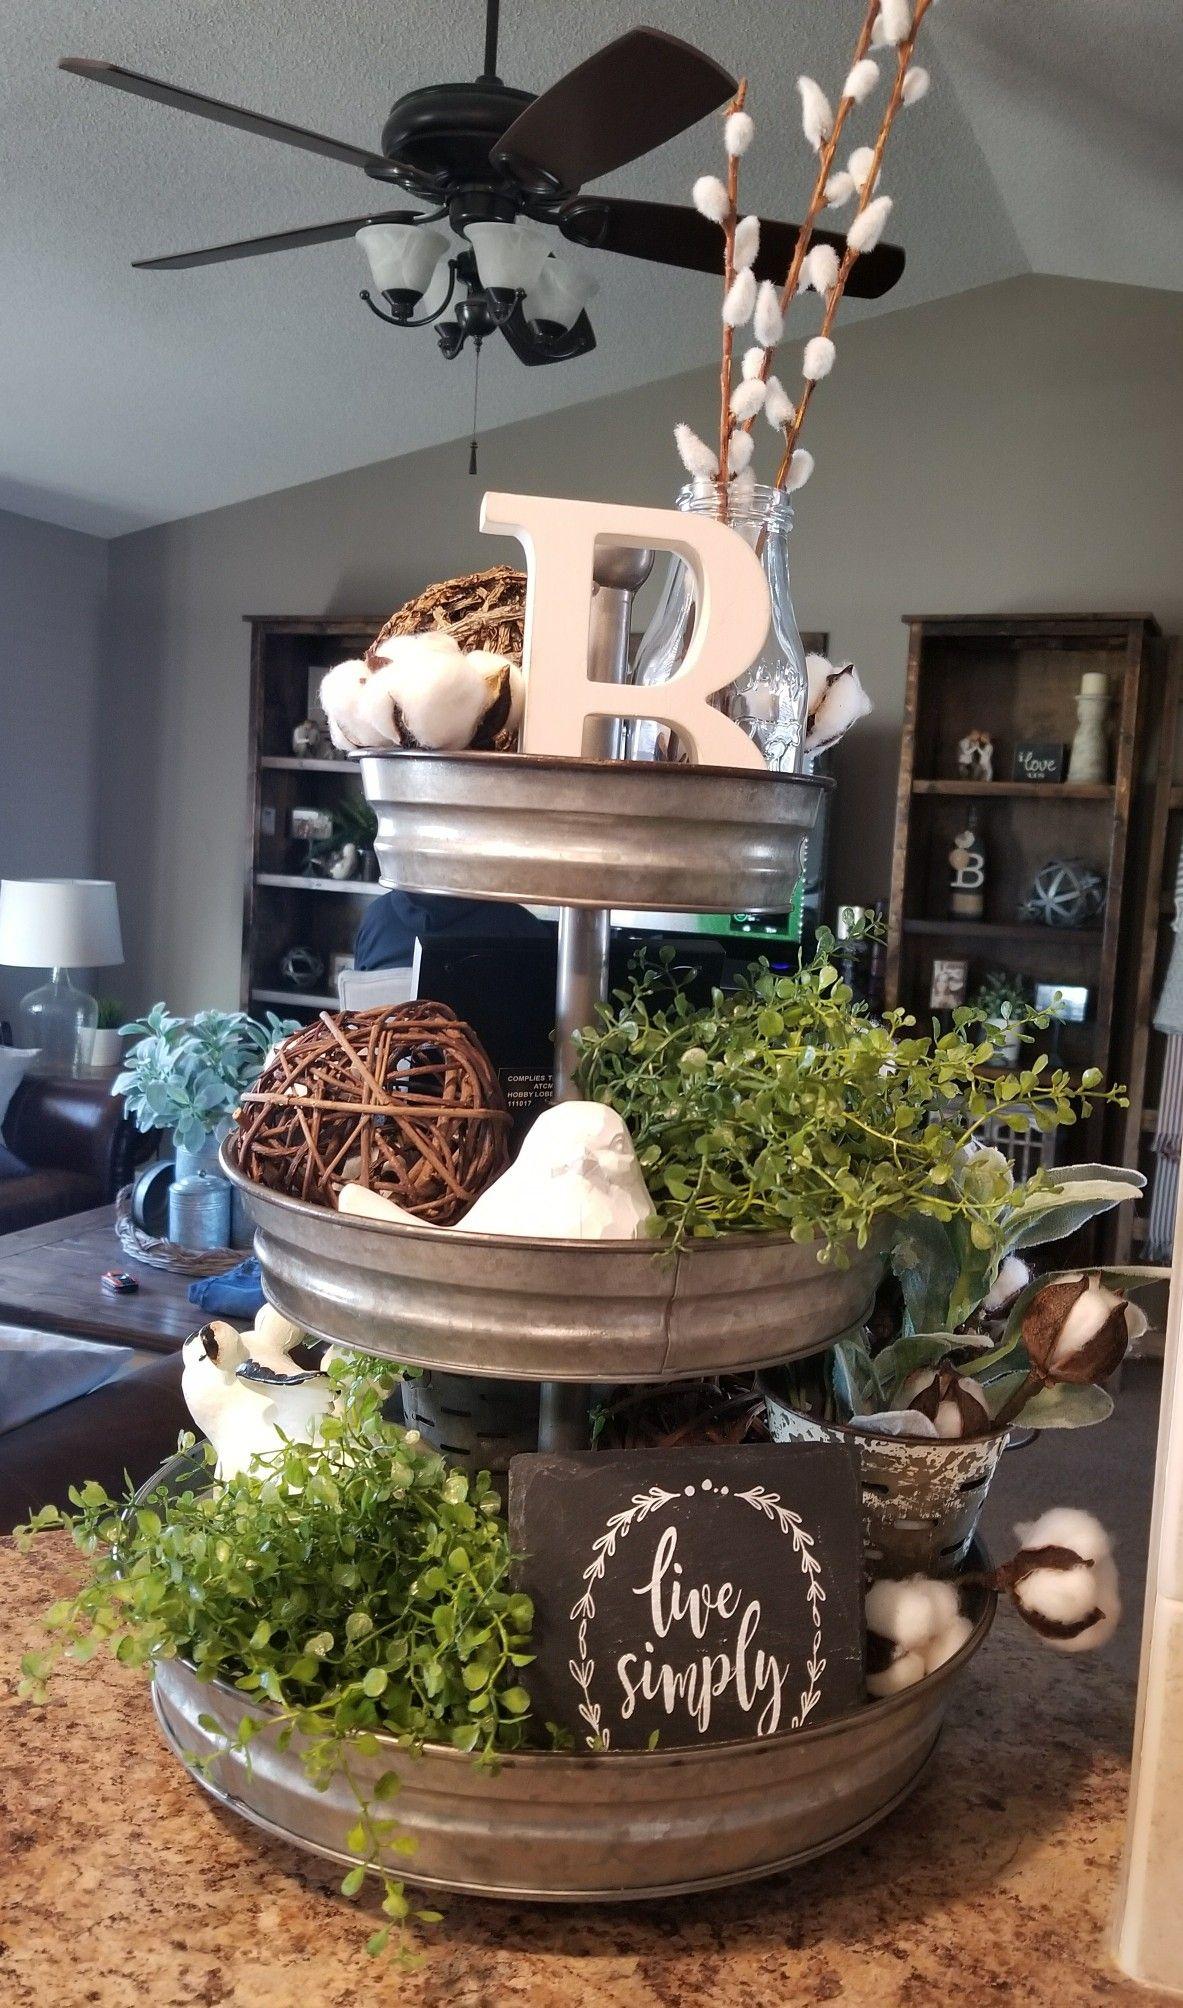 Cute Idea For My Kitchen Tray Decor Decor Home Decor